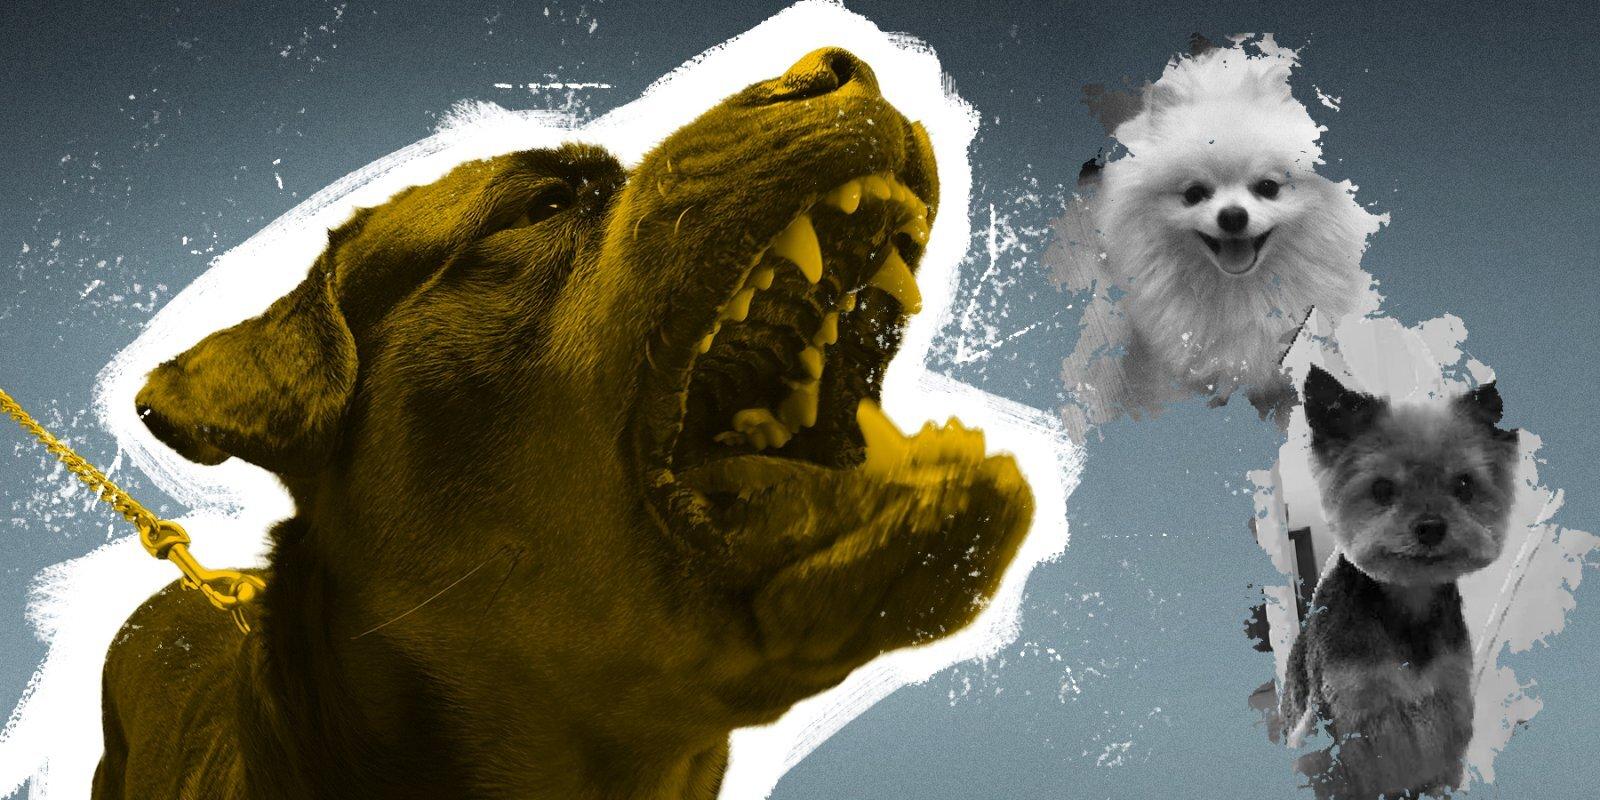 От красных ошейников до эвтаназии: как Латвия пытается решить проблему опасных собак